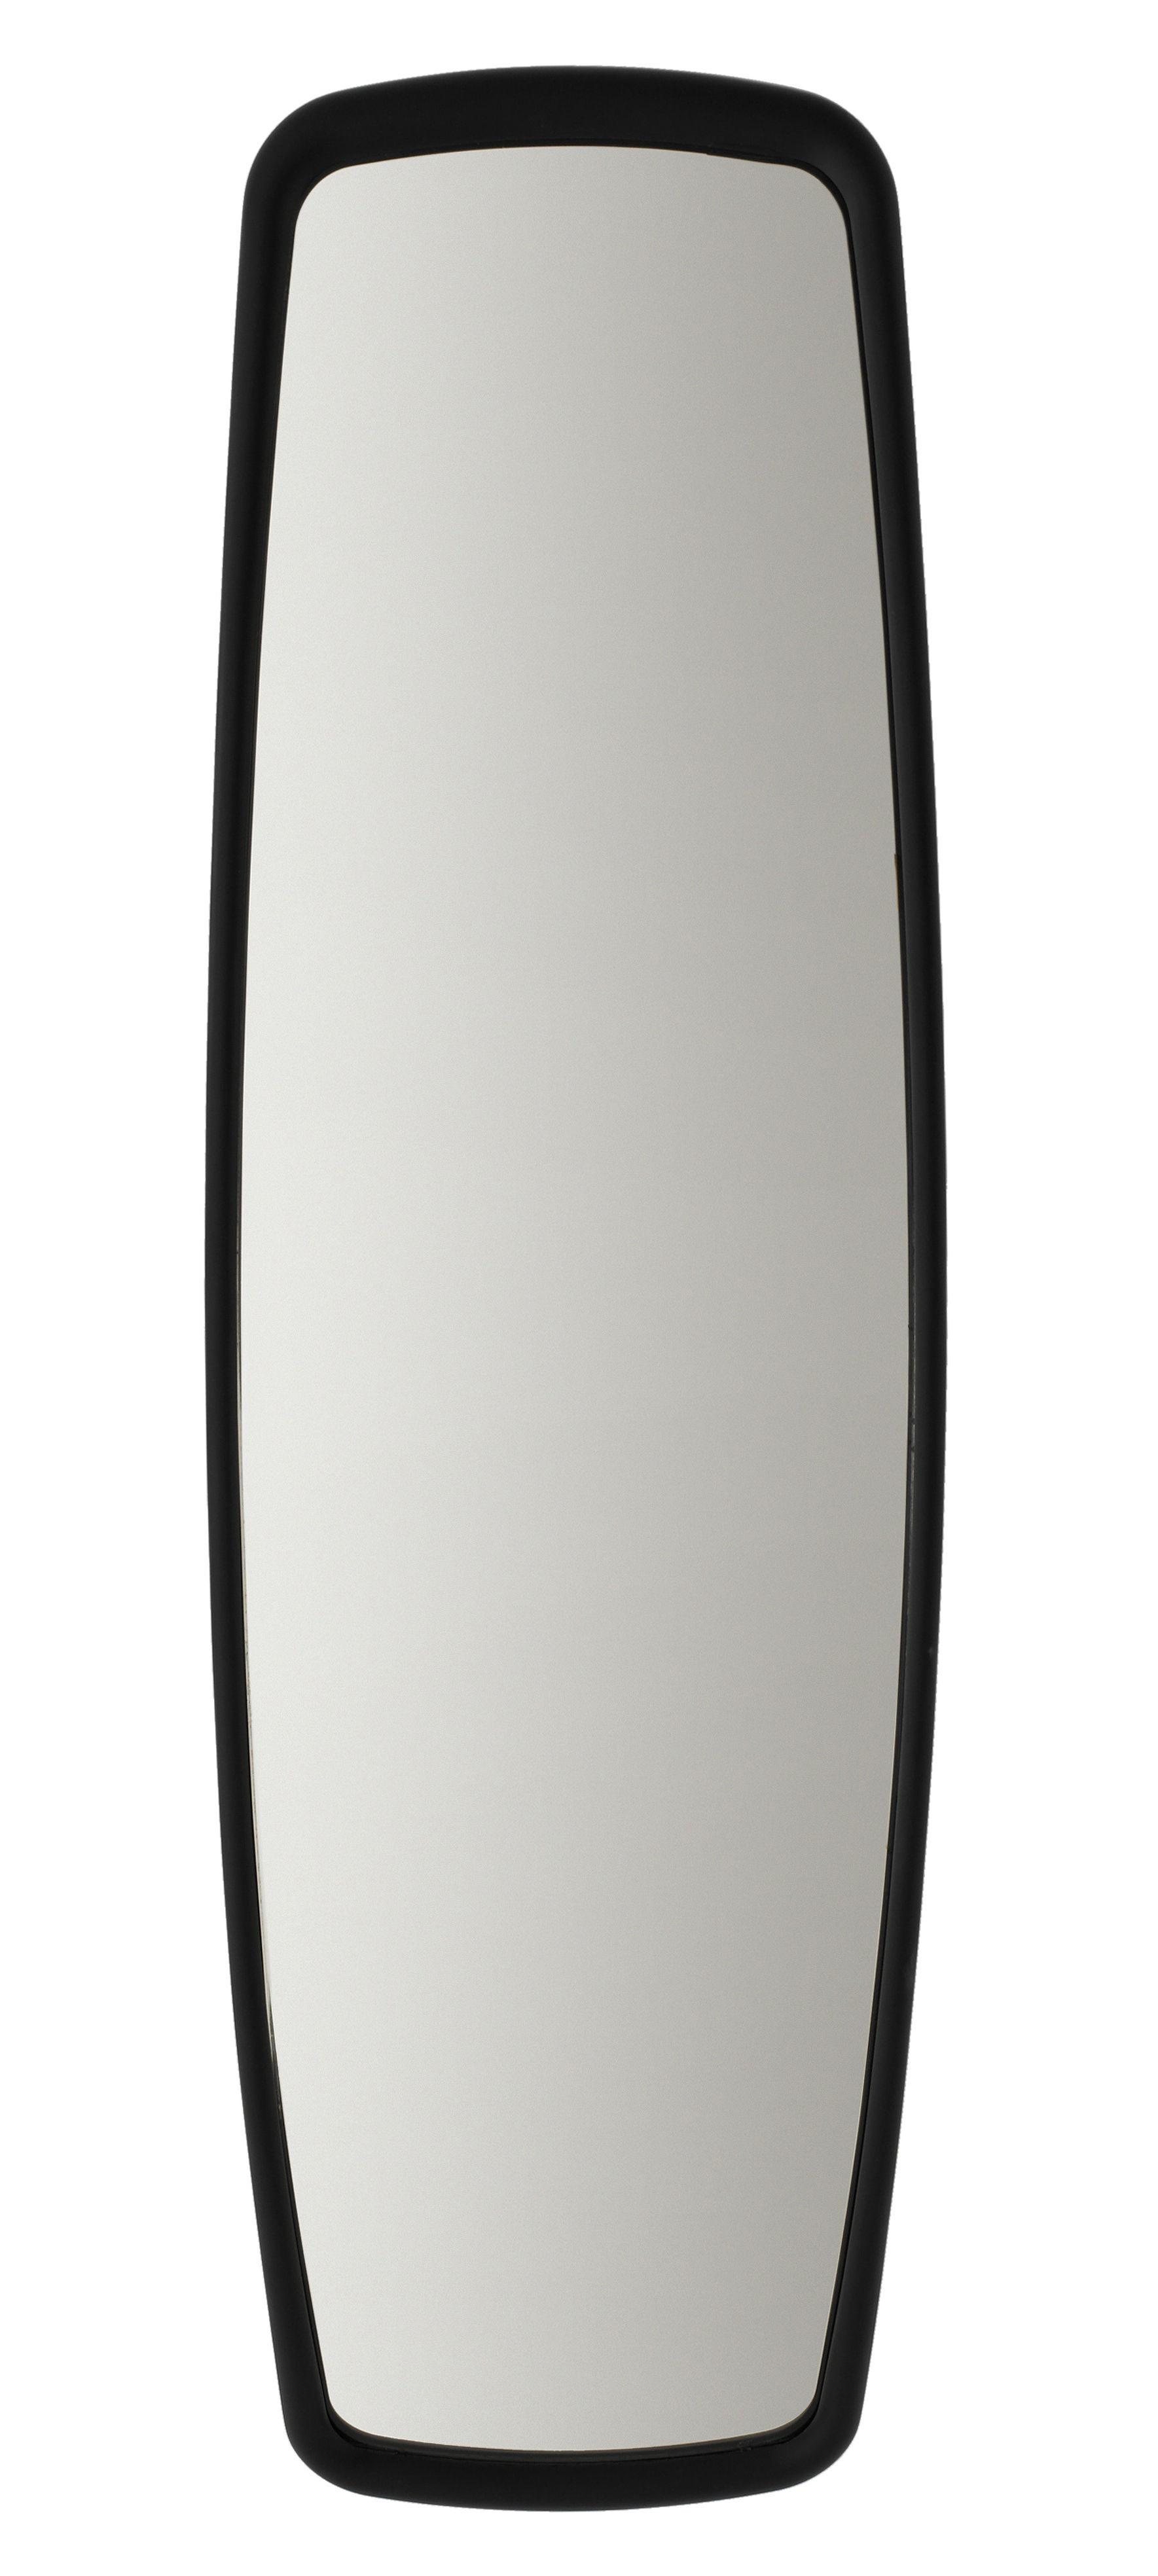 Miroir convex mirror 90 x 30 cm noir established sons for Miroir 30 90